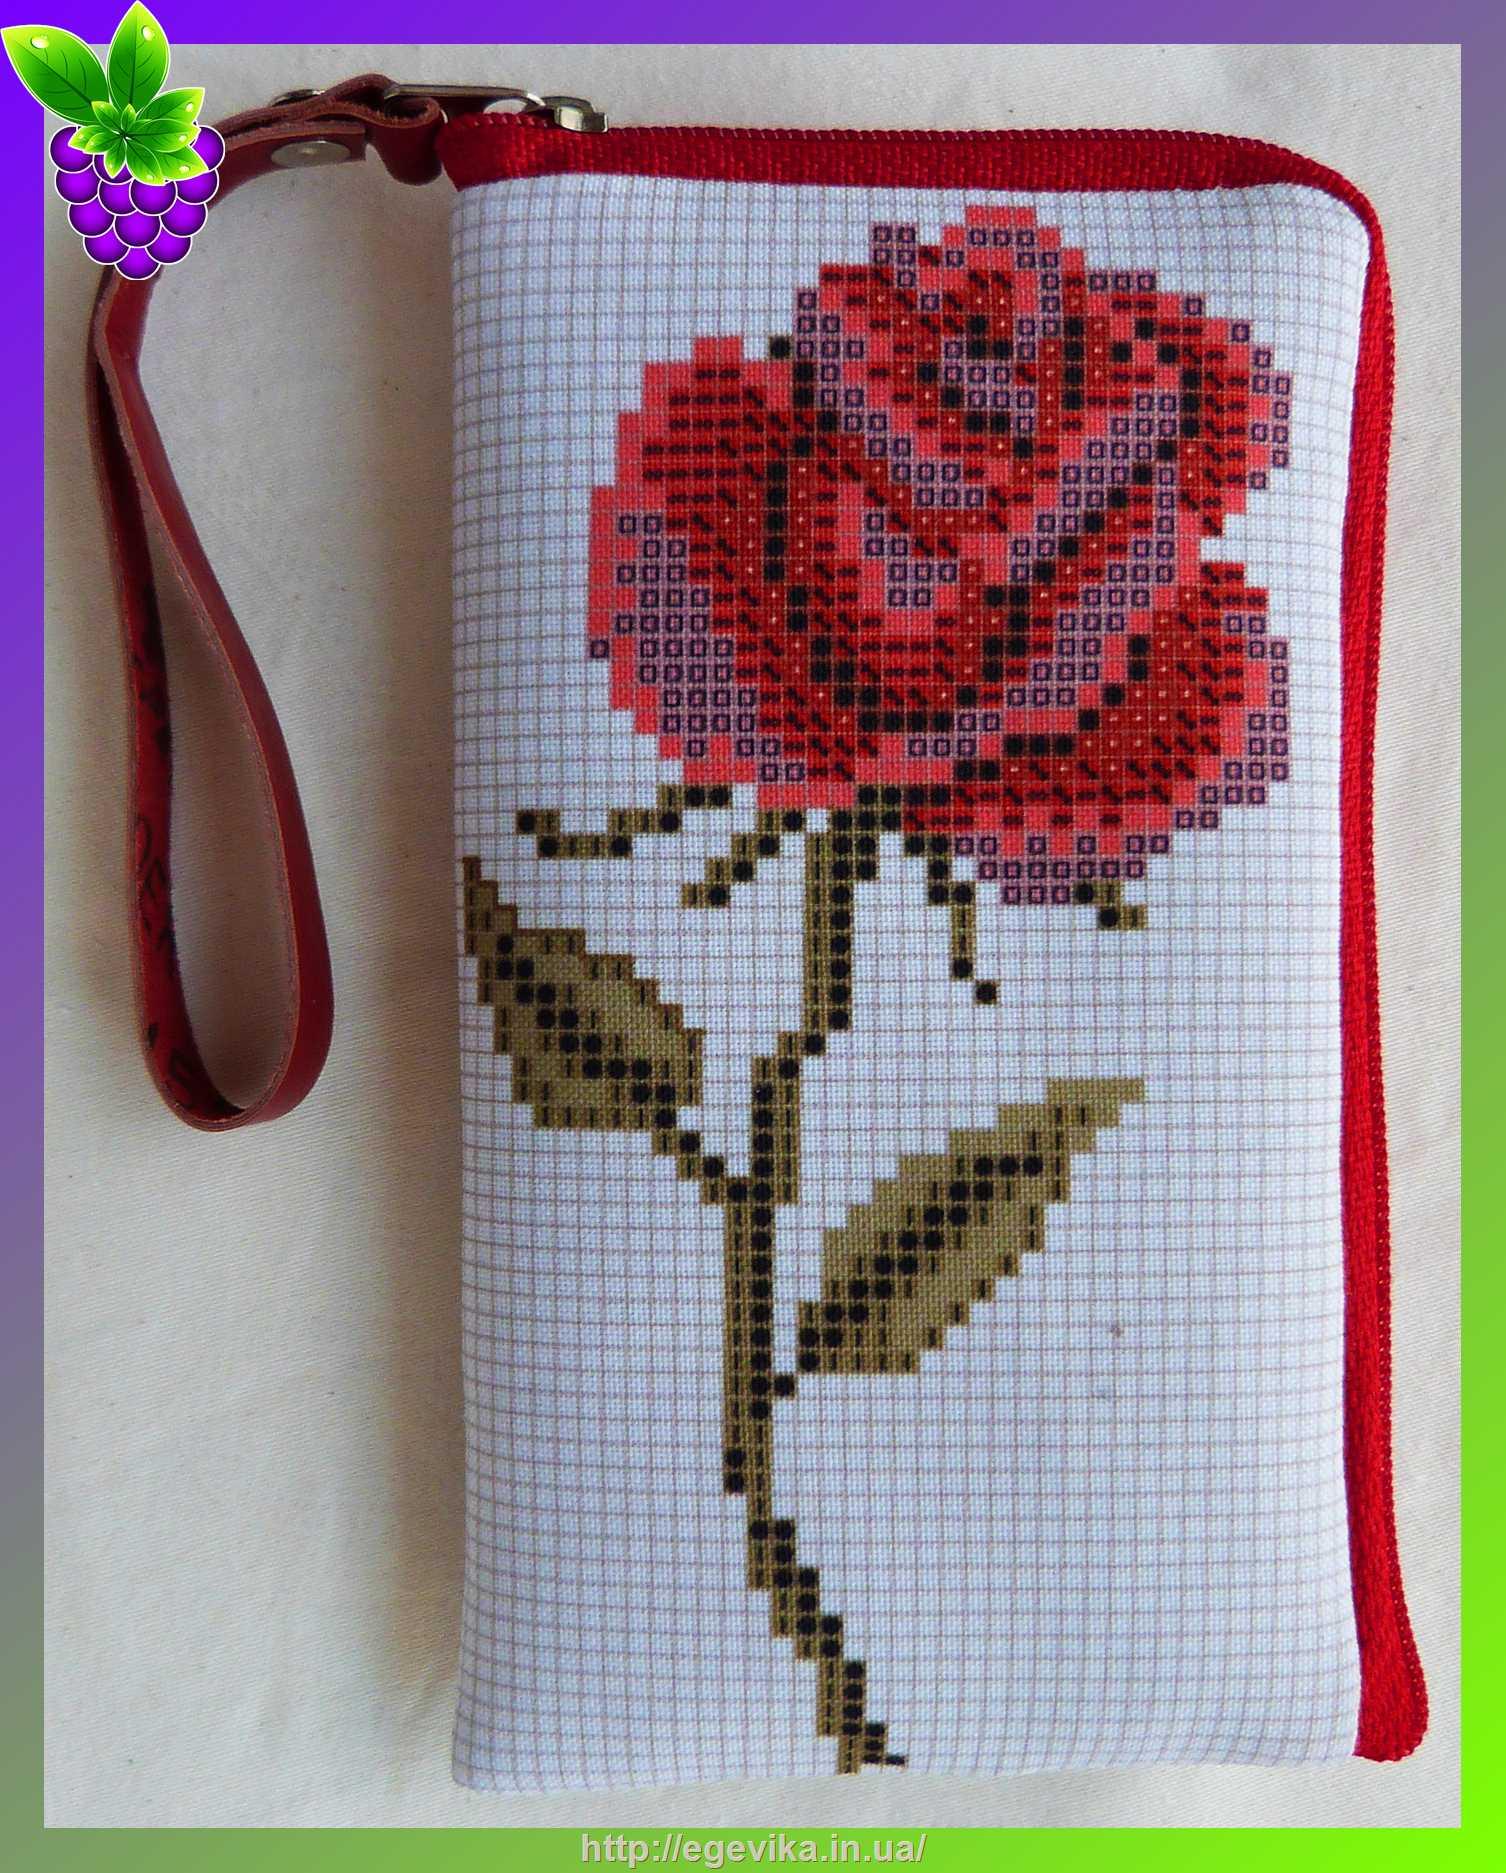 Заготовки для вышивки бисером чехлов для мобильных телефонов 92